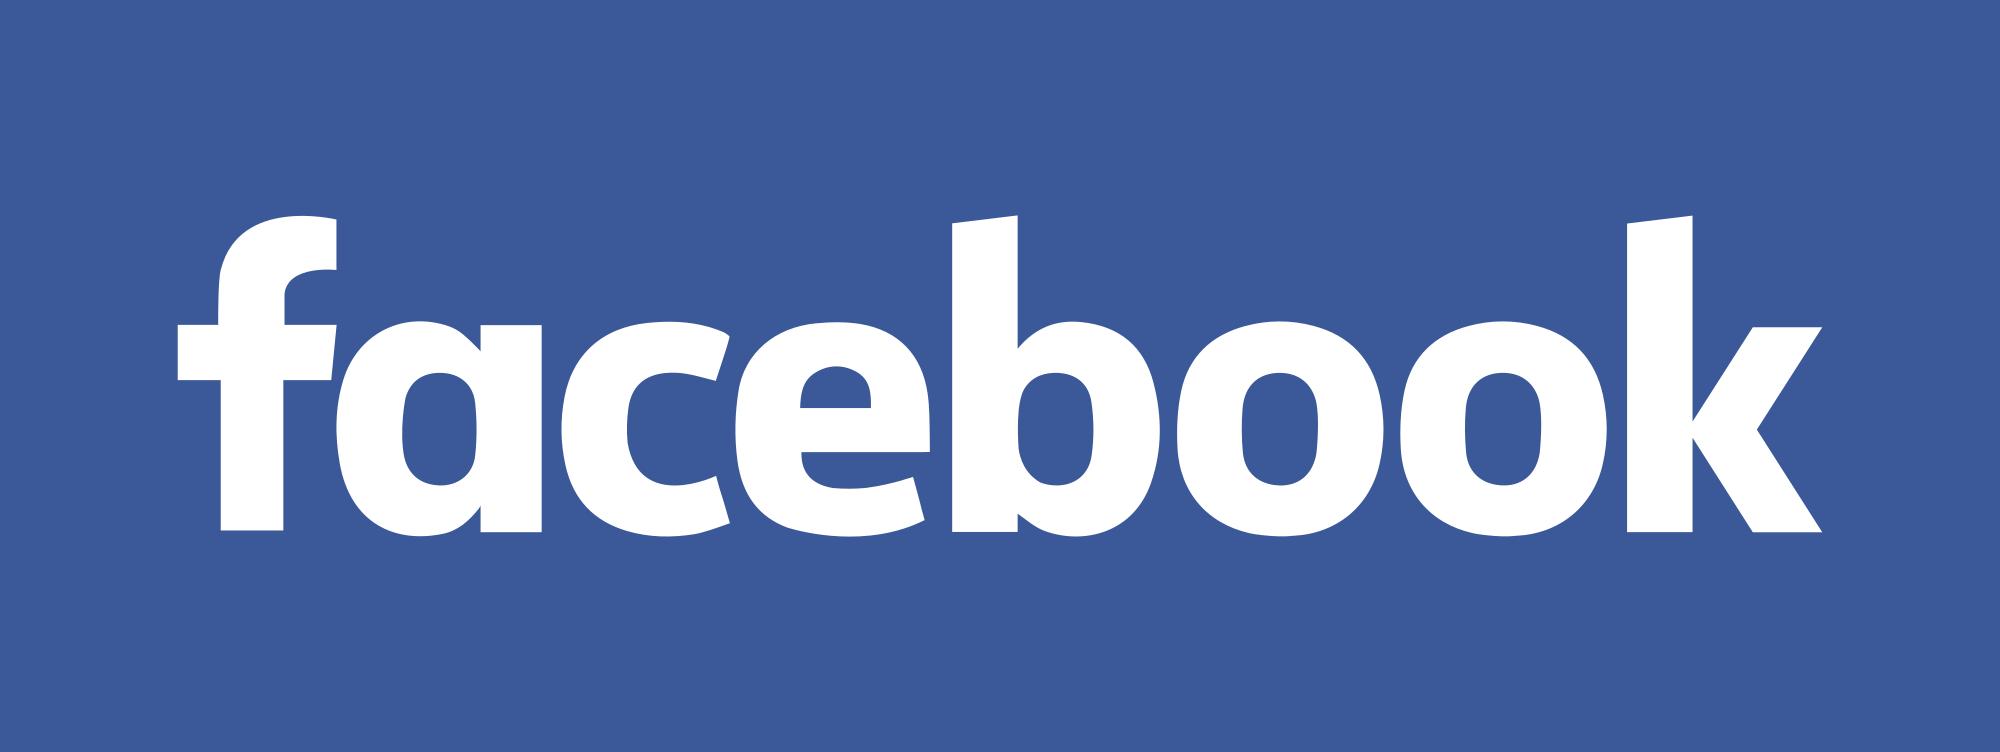 联邦贸易委员会非公开调查Facebook!州检察长向脸书发问_图1-1